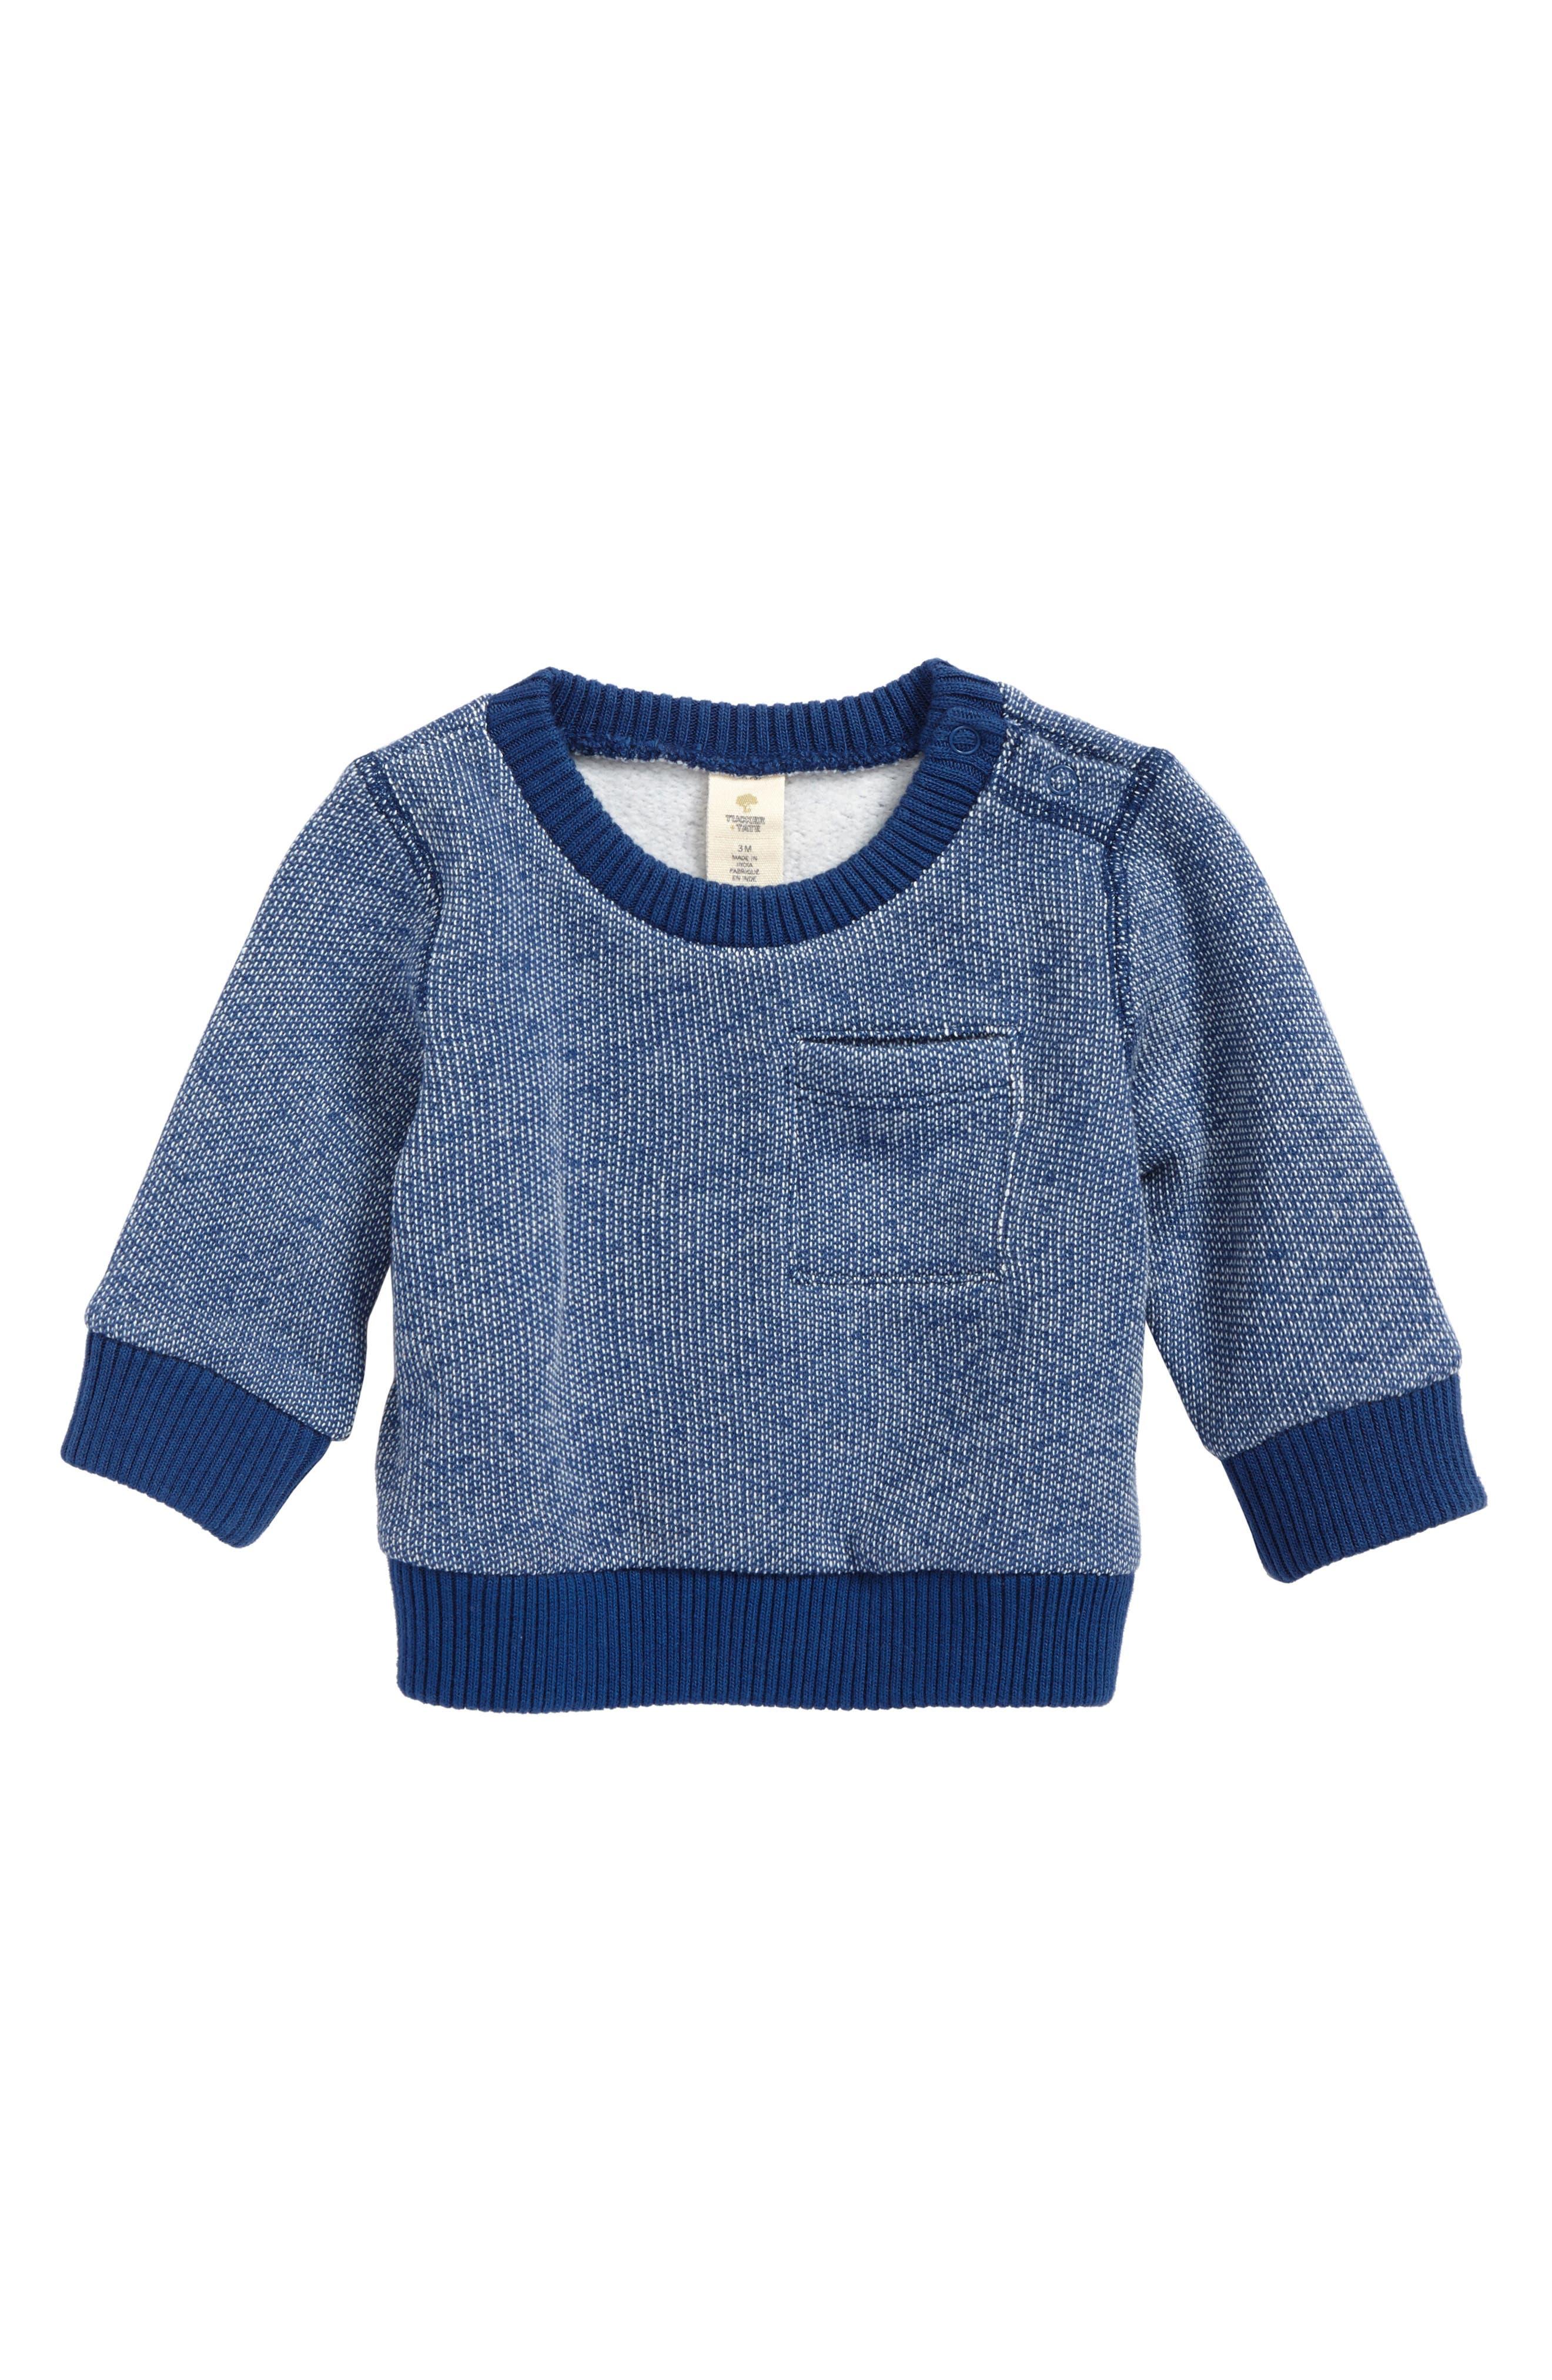 Main Image - Tucker + Tate Brushed Fleece Sweatshirt (Baby Boys)